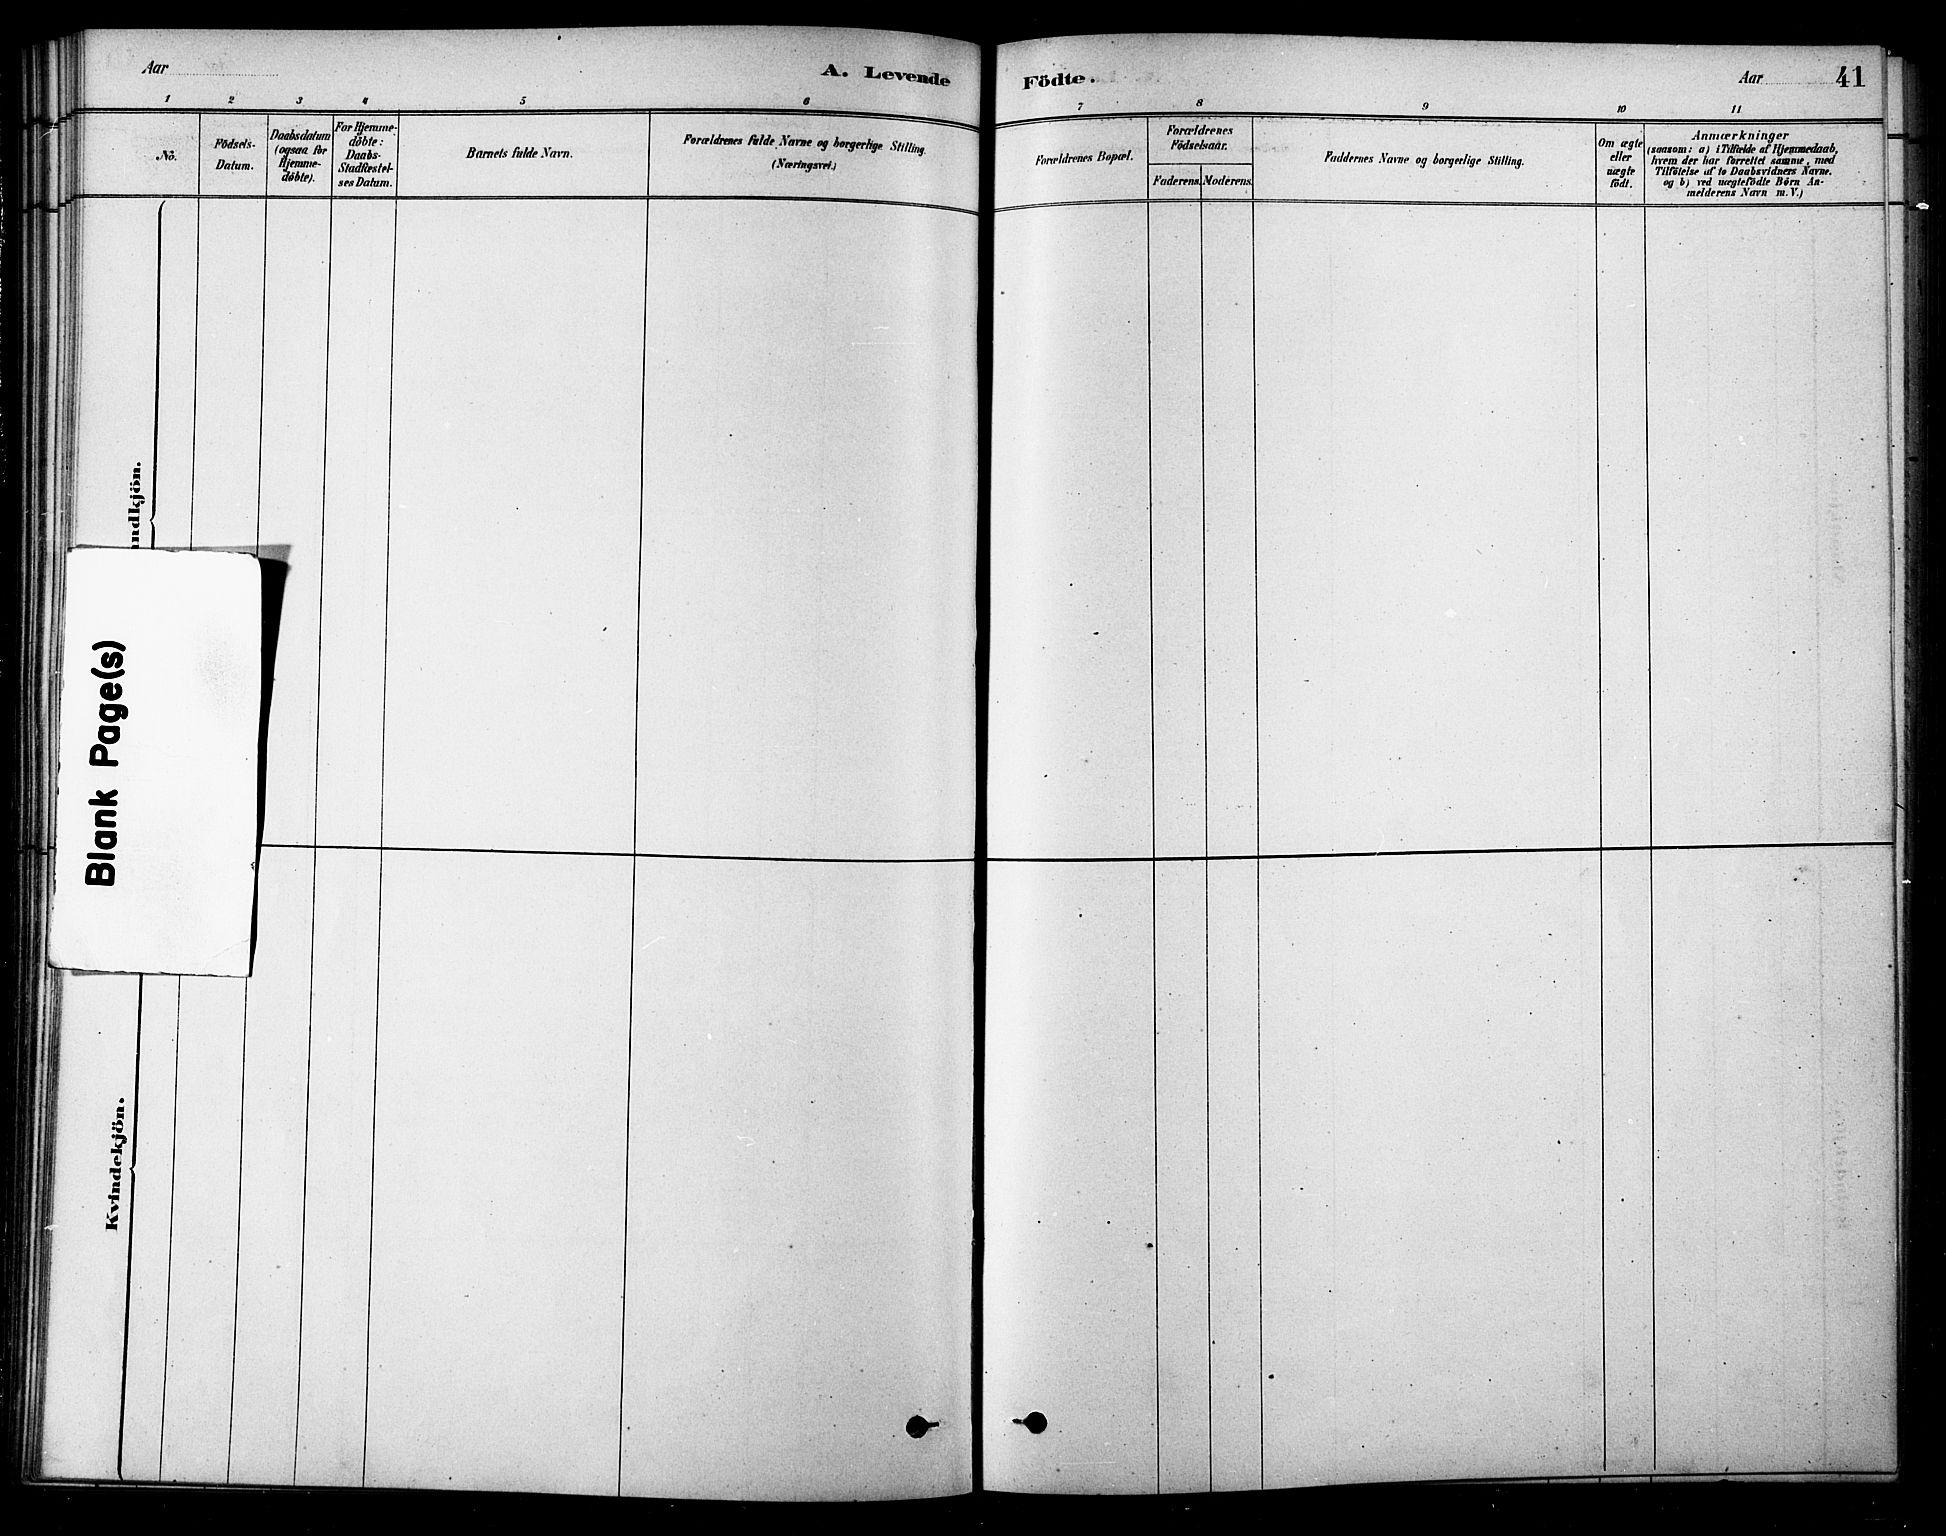 SAT, Ministerialprotokoller, klokkerbøker og fødselsregistre - Sør-Trøndelag, 685/L0972: Ministerialbok nr. 685A09, 1879-1890, s. 41